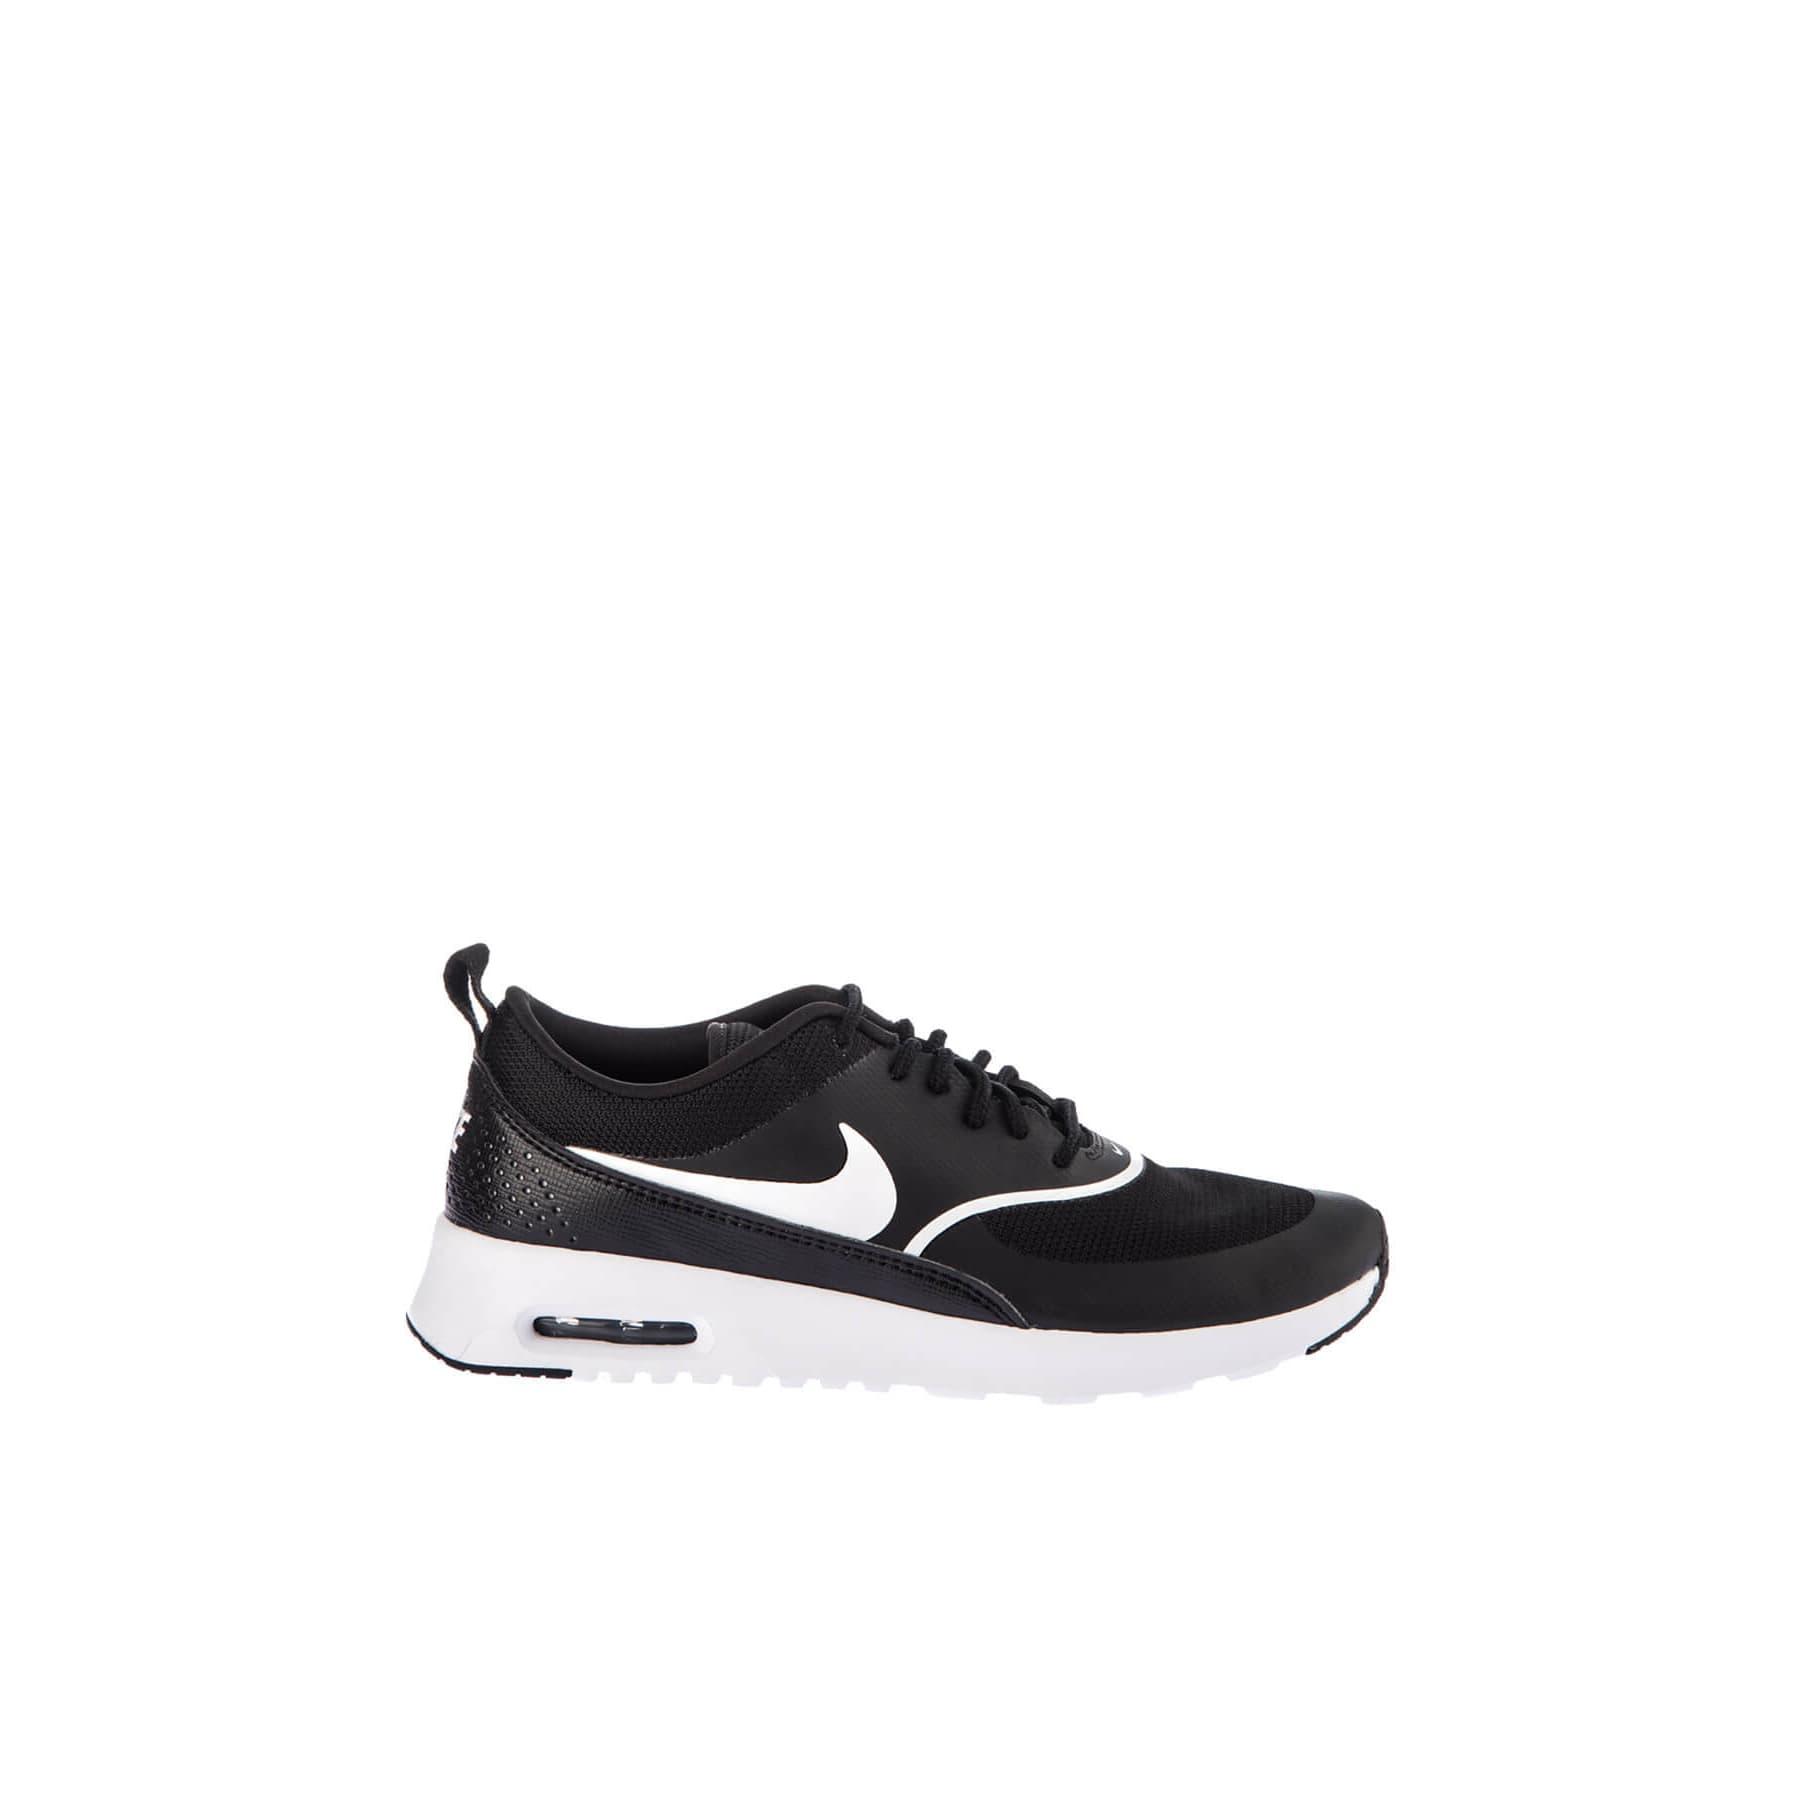 Air Max Thea Kadın Siyah Spor Ayakkabı (599409-028)